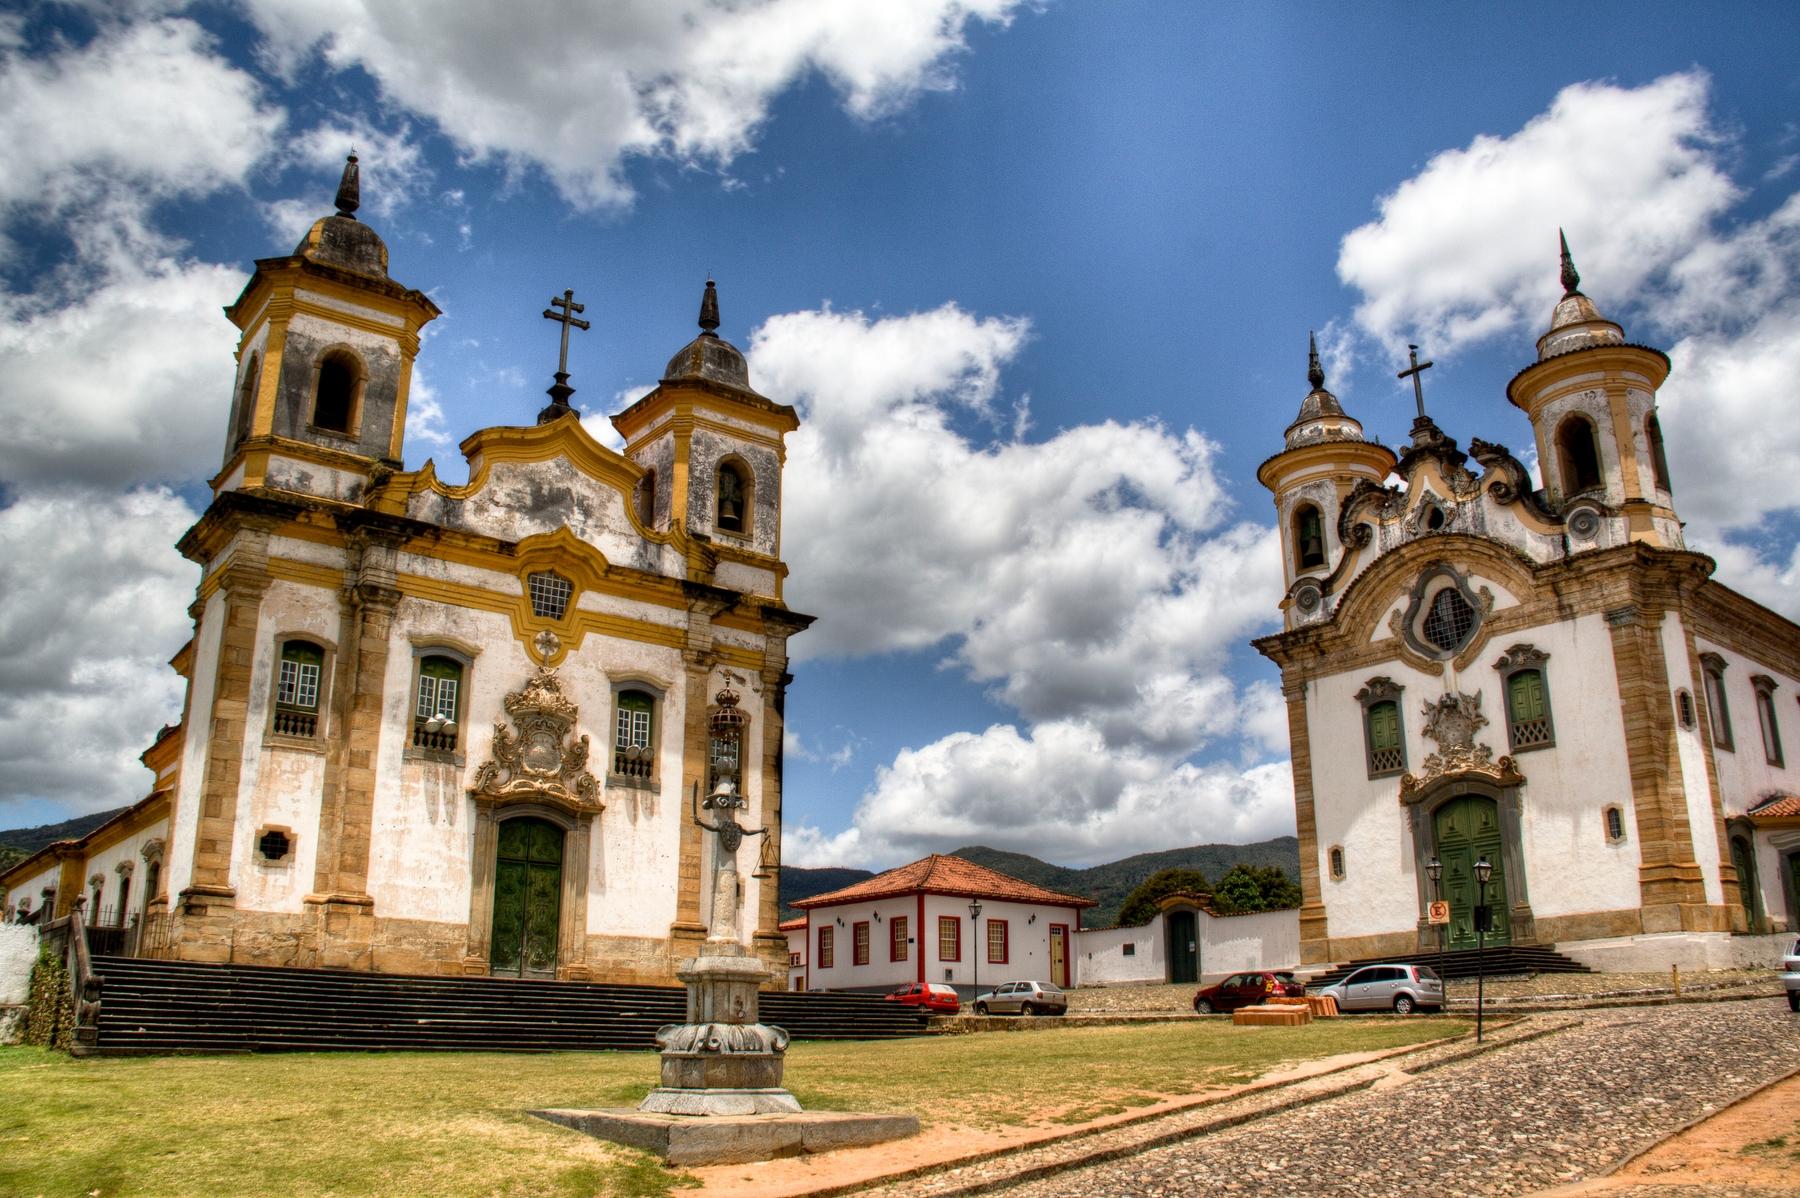 Igreja de São Francisco de Assis e da Igreja de Nossa Senhora do Carmo, em Mariana, uma das mais belas cidades de Minas Gerais